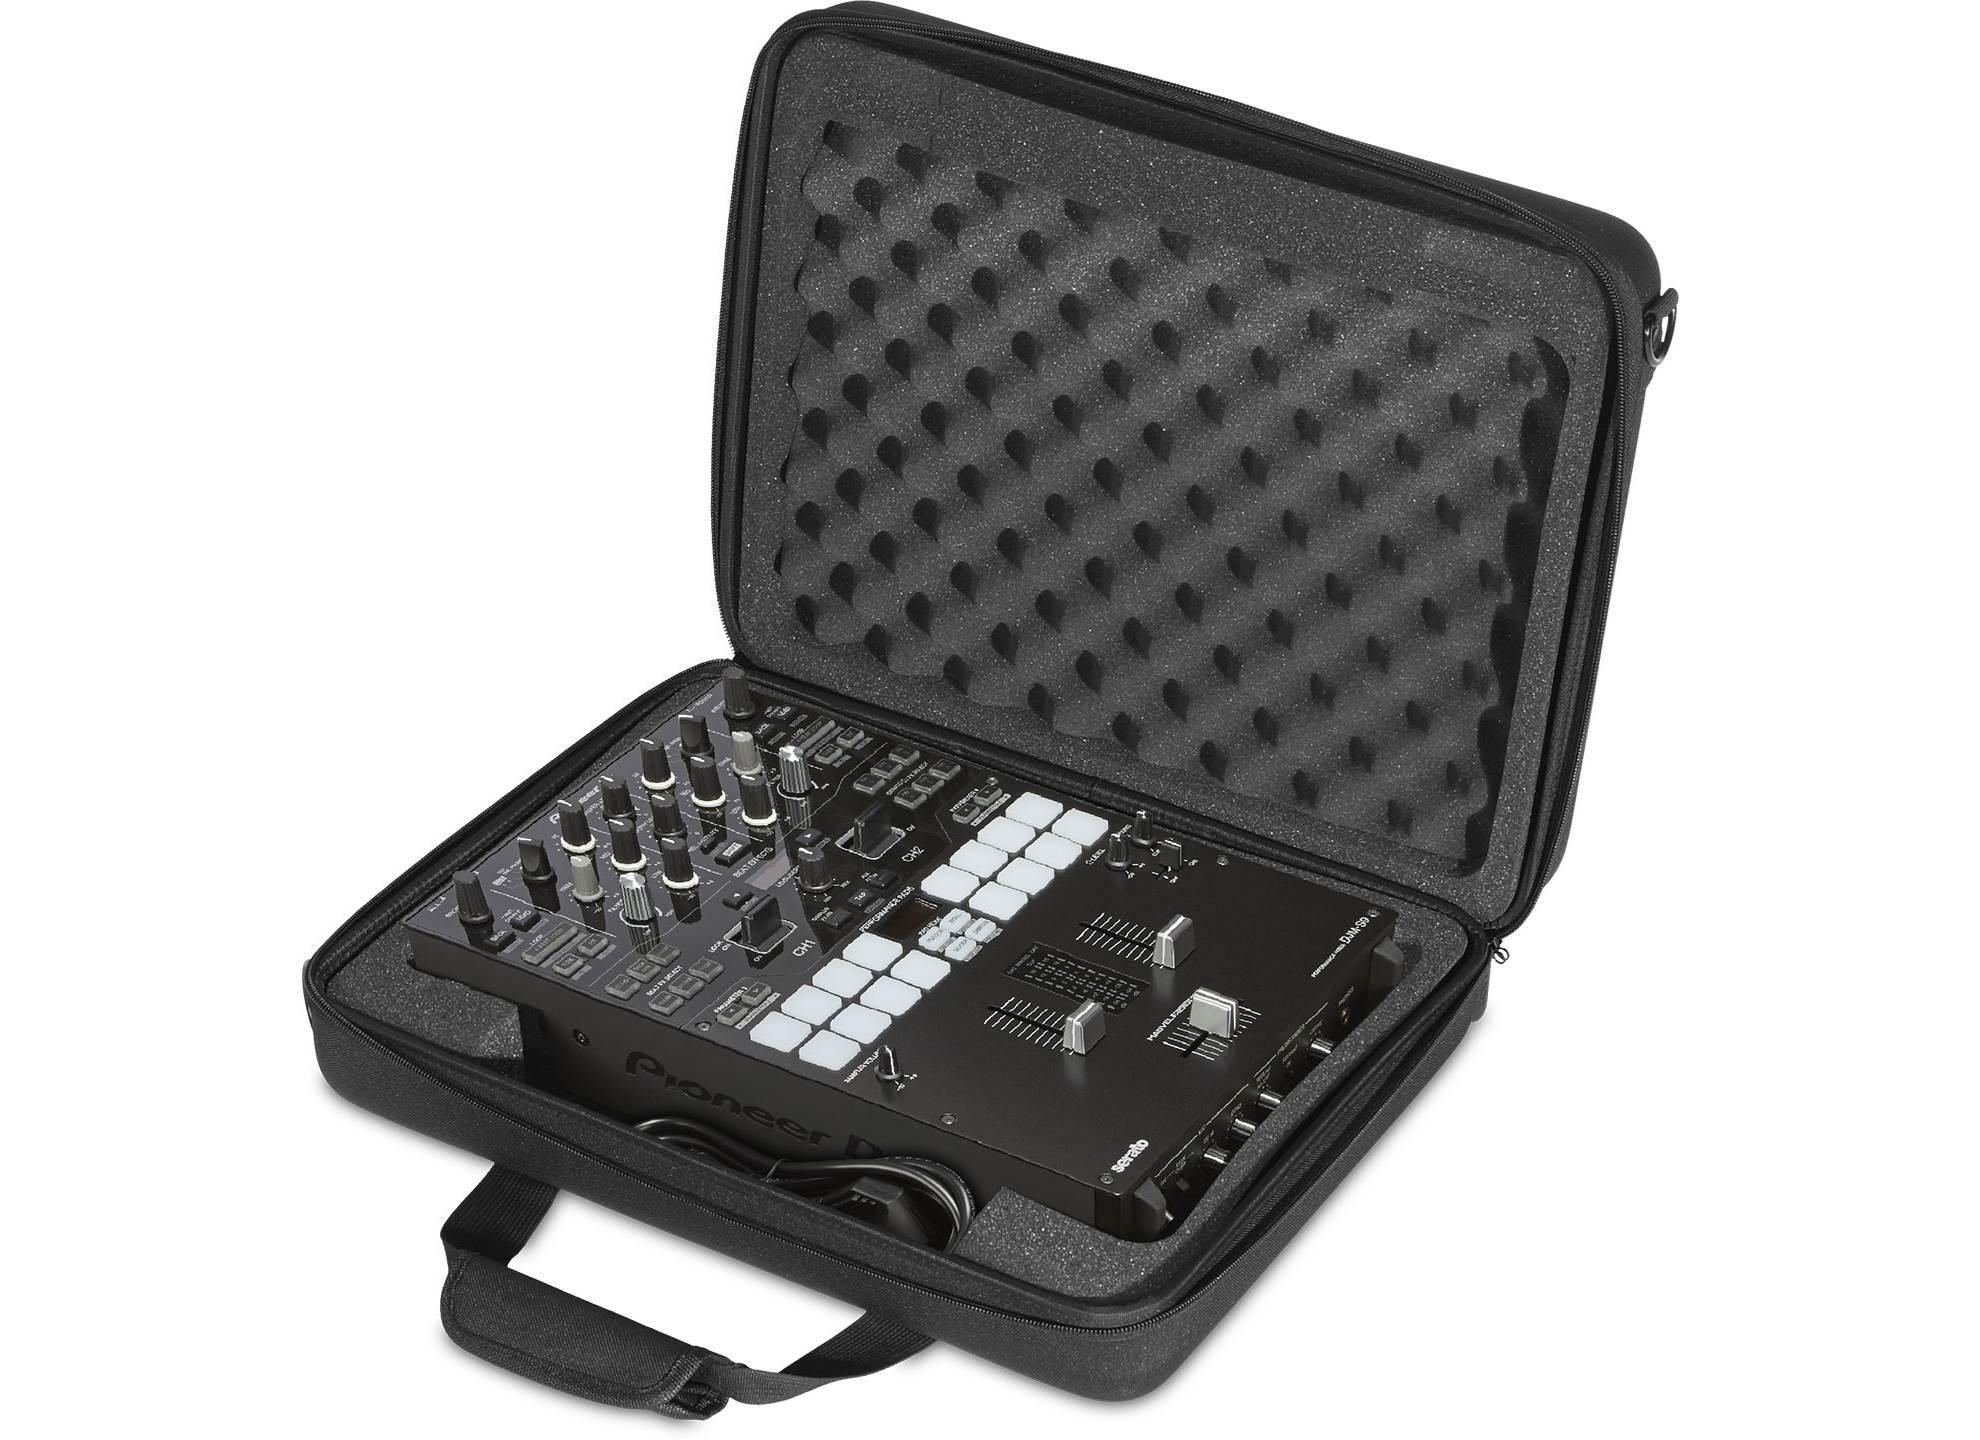 Creator DJM-S9 Hardcase